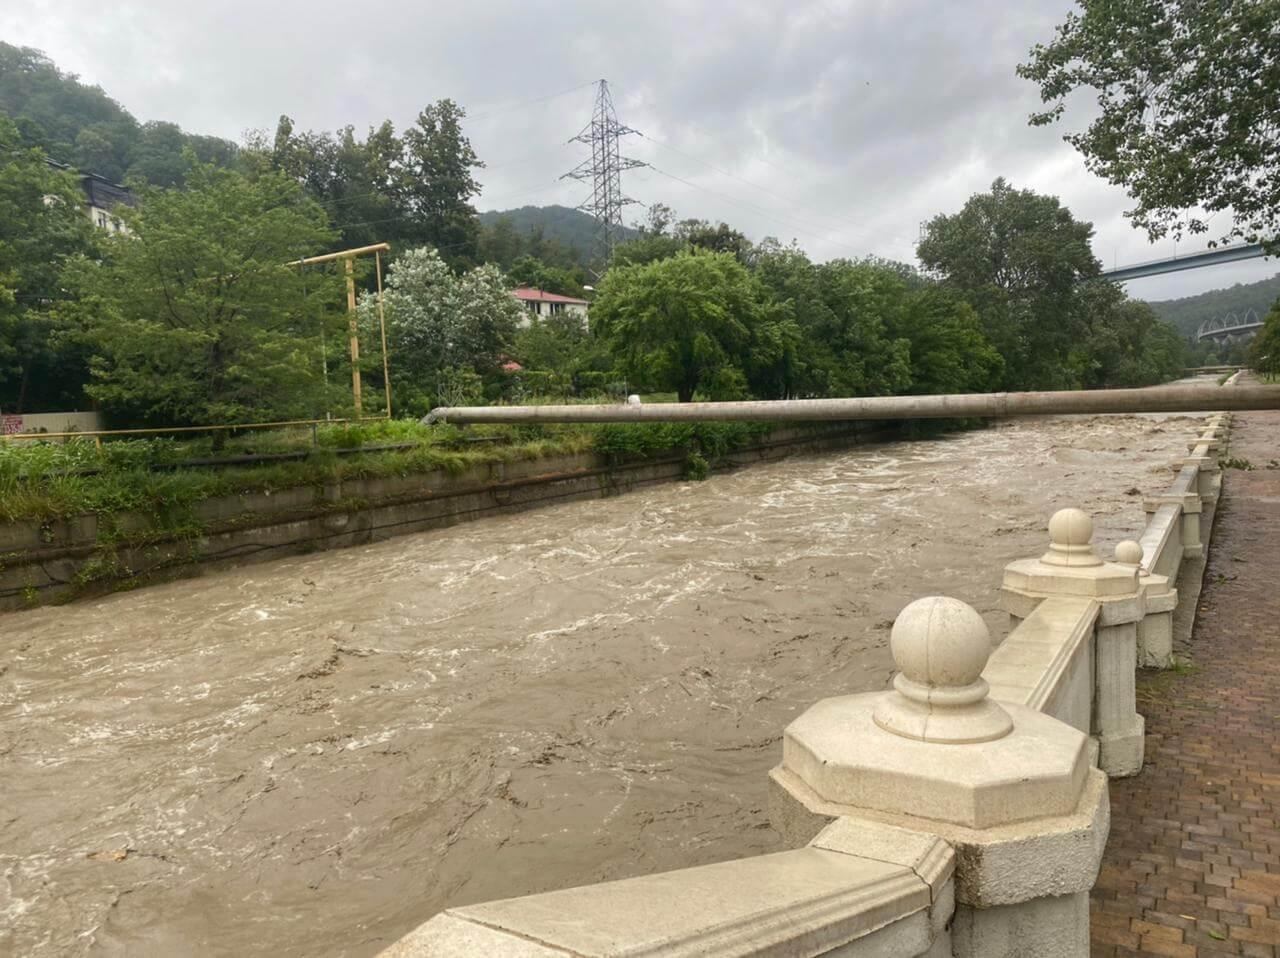 В Сочи после сильных ливней реки вышли из берегов, в городе включили сирены